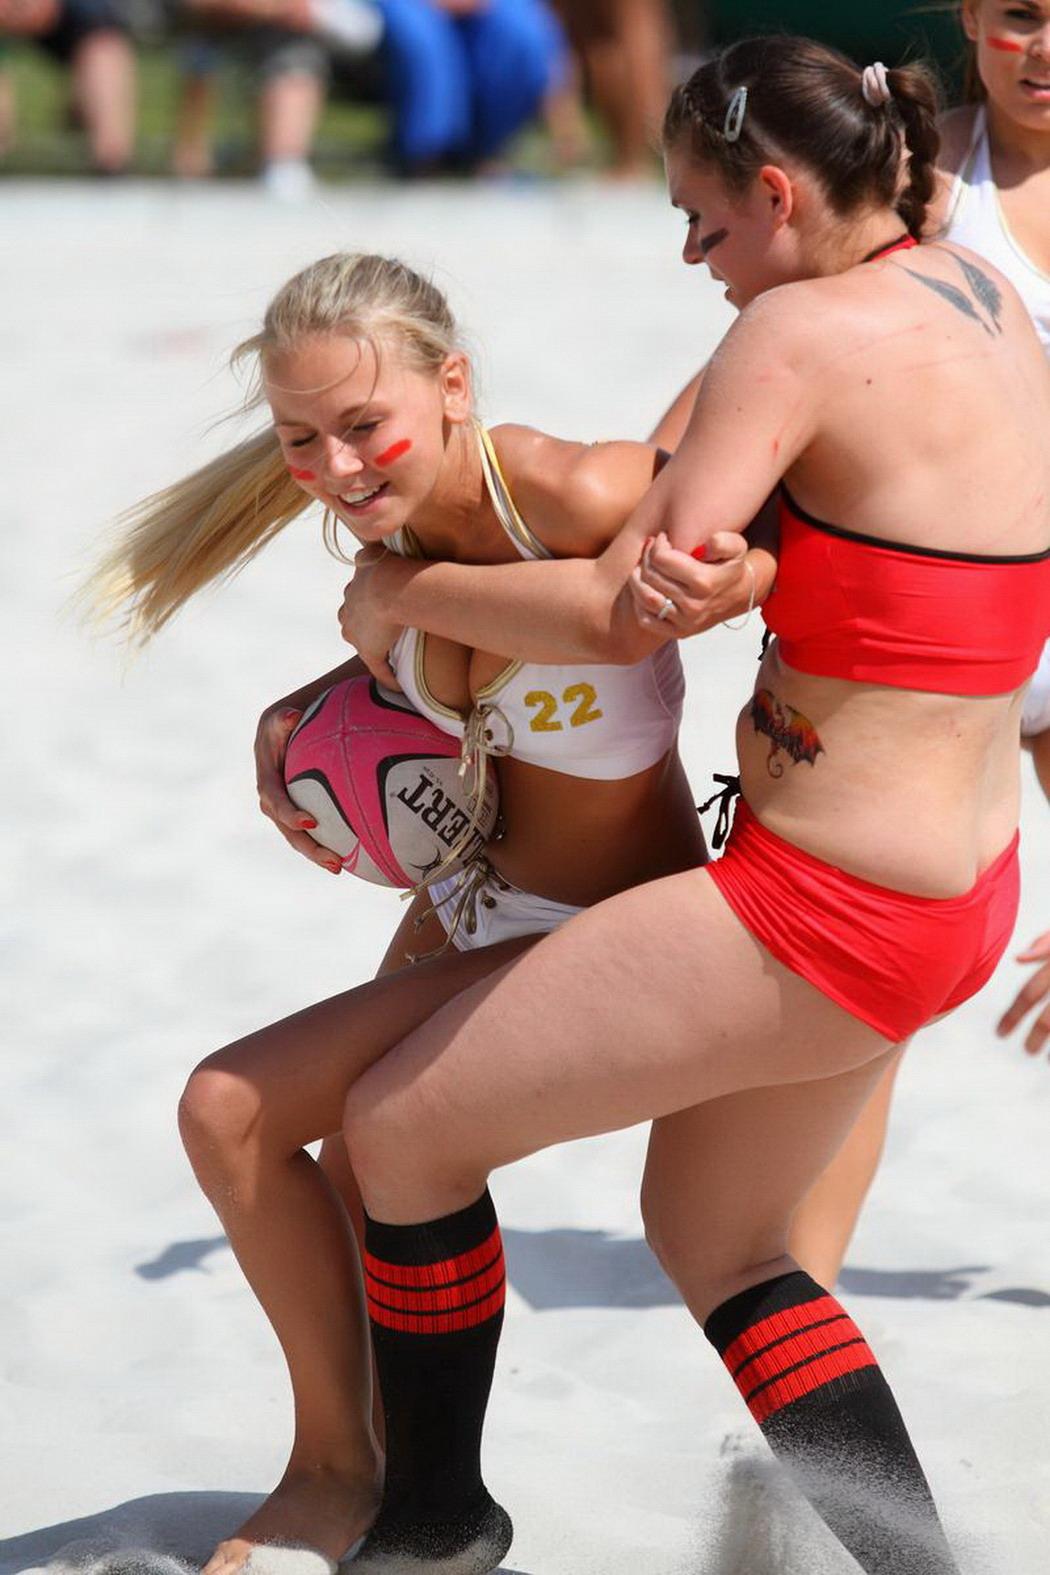 Сексуальный чемпионат